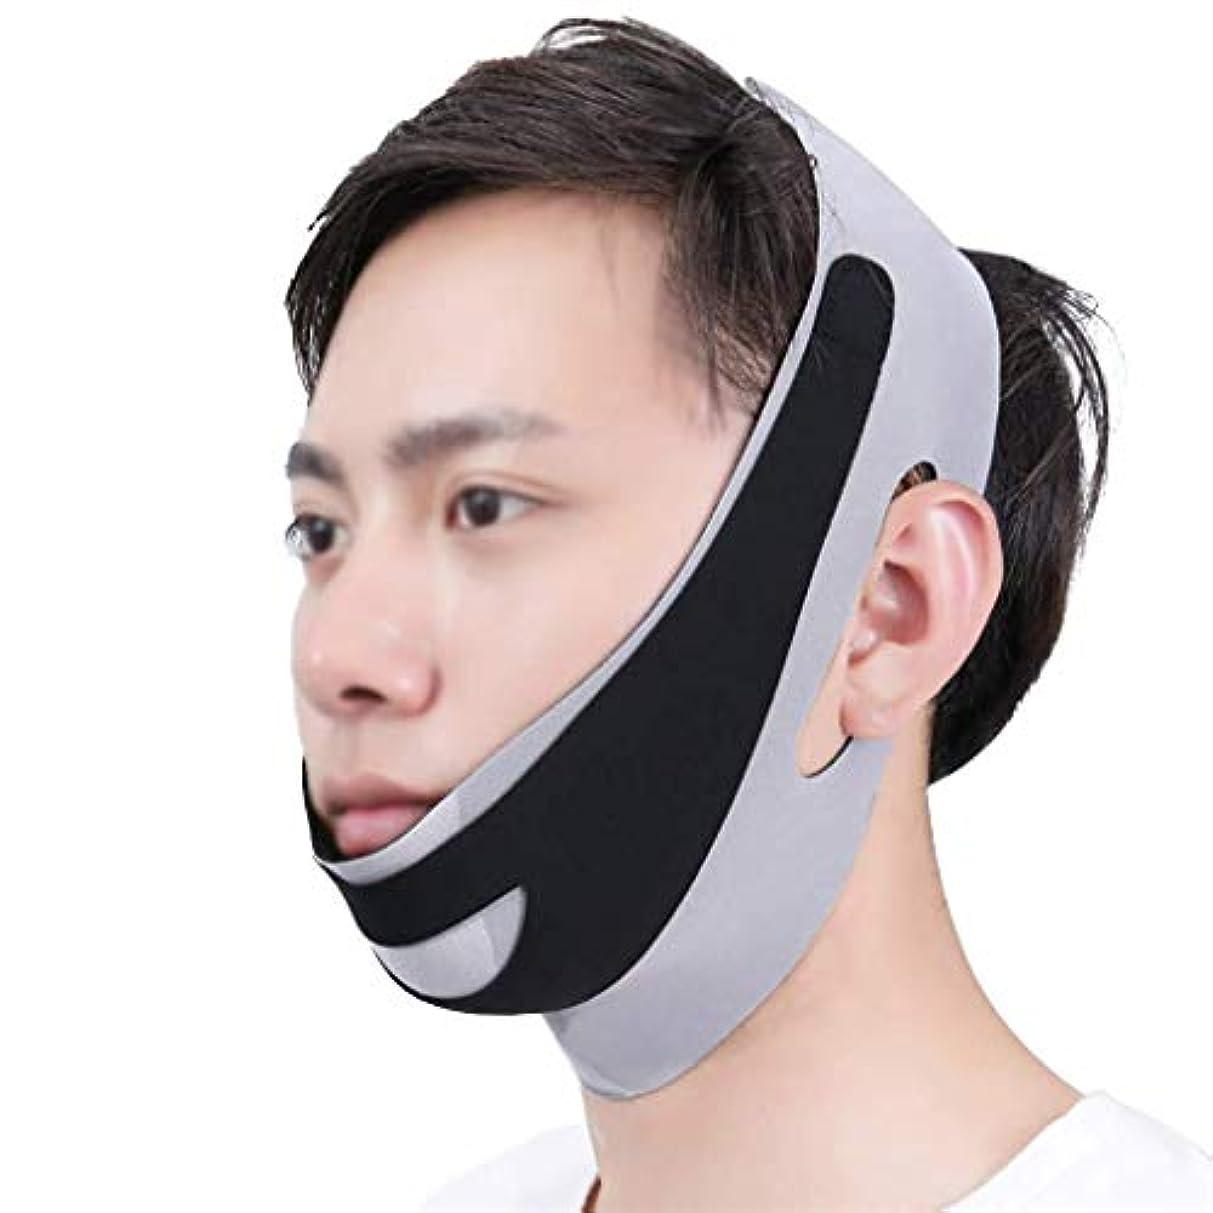 六コックパラナ川顔と首のリフト術後の弾性フェイスマスク小さなV顔アーティファクト薄い顔包帯アーティファクトV顔ぶら下げ耳リフティング引き締め男性の顔アーティファクト